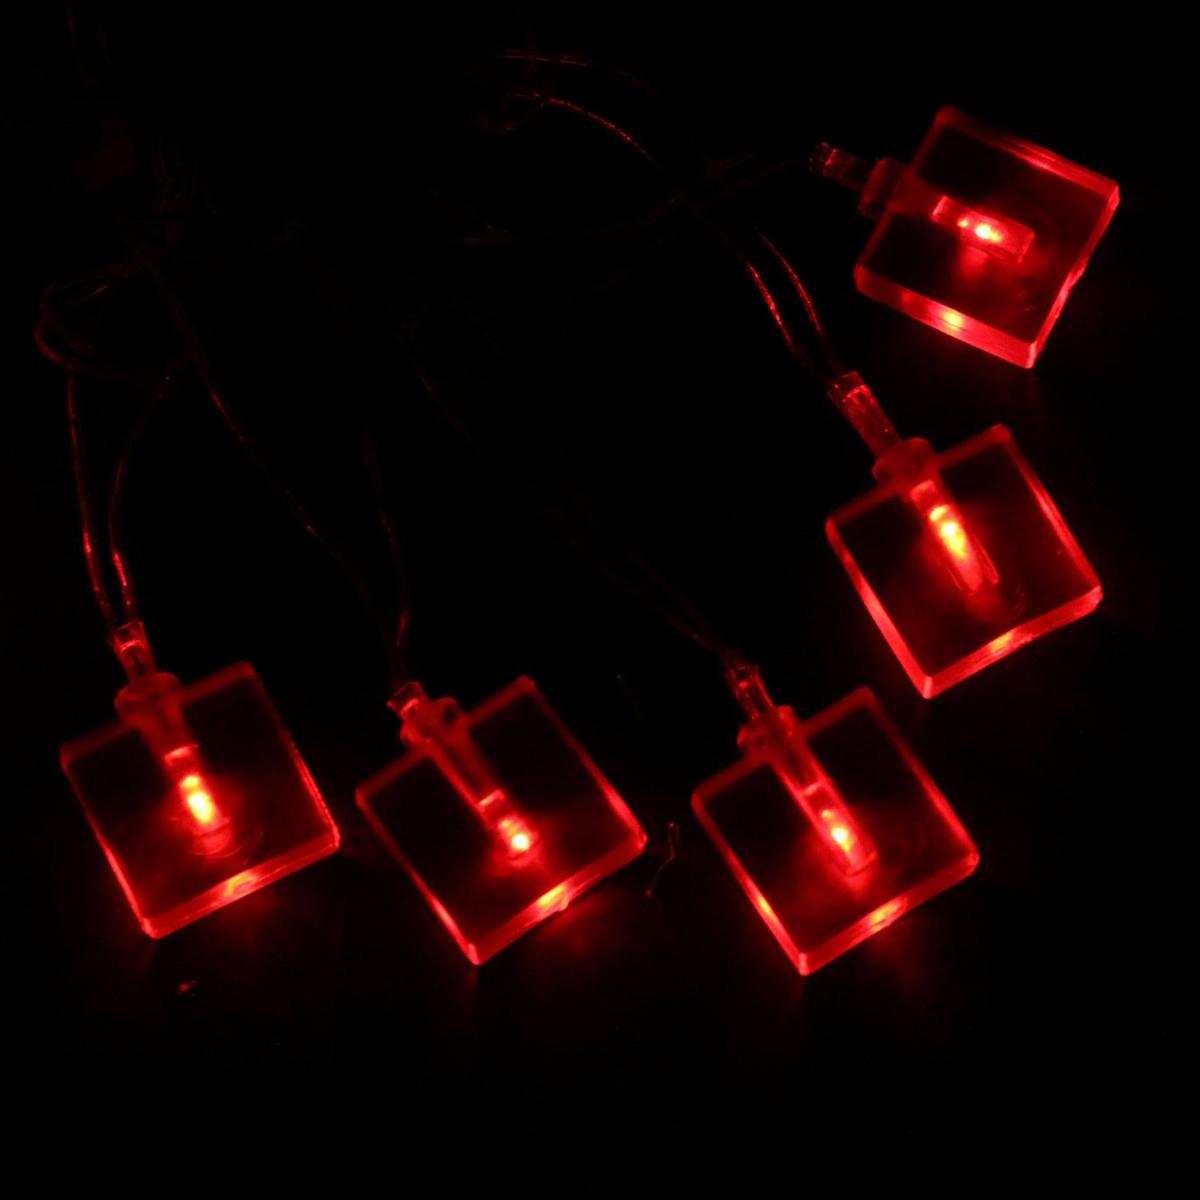 Гирлянда светодиодная Sima-land Метраж. Кубики, цвет: красный, 70 ламп, 8 режимов, 220 V, длина 10 м676365Светодиодные гирлянды и ленты — это отличный вариант для новогоднего оформления интерьера или фасада. С их помощью помещение любого размера можно превратить в праздничный зал, а внешние элементы зданий, украшенные ими, мгновенно станут напоминать очертания сказочного дворца. Такие украшения создают ауру предвкушения чуда. Деревья, фасады, витрины, окна и арки будто специально созданы, чтобы вы украсили их светящимися нитями.